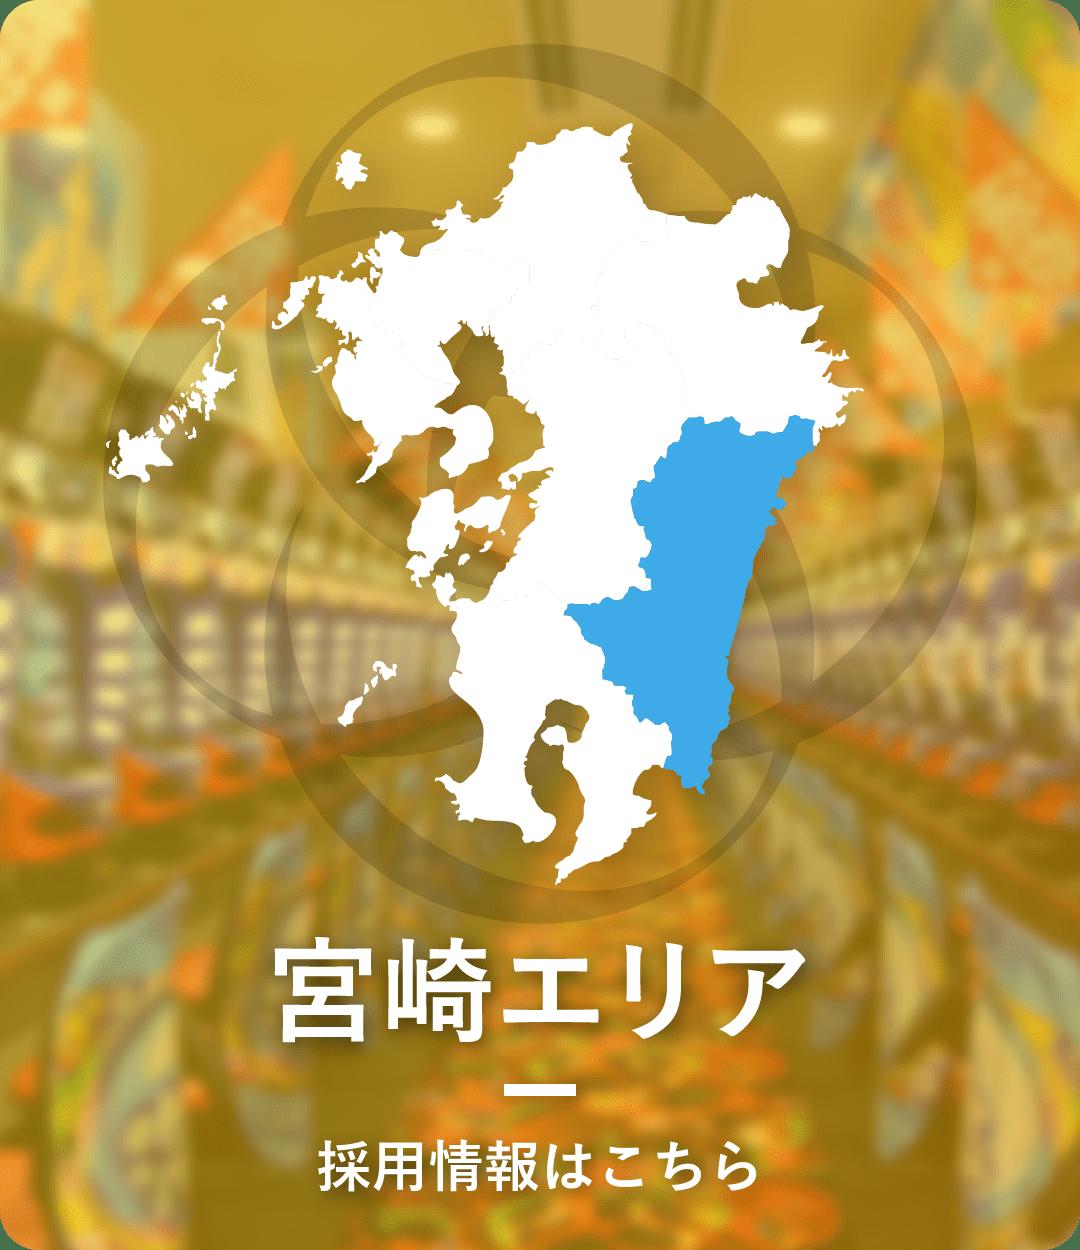 宮崎エリア